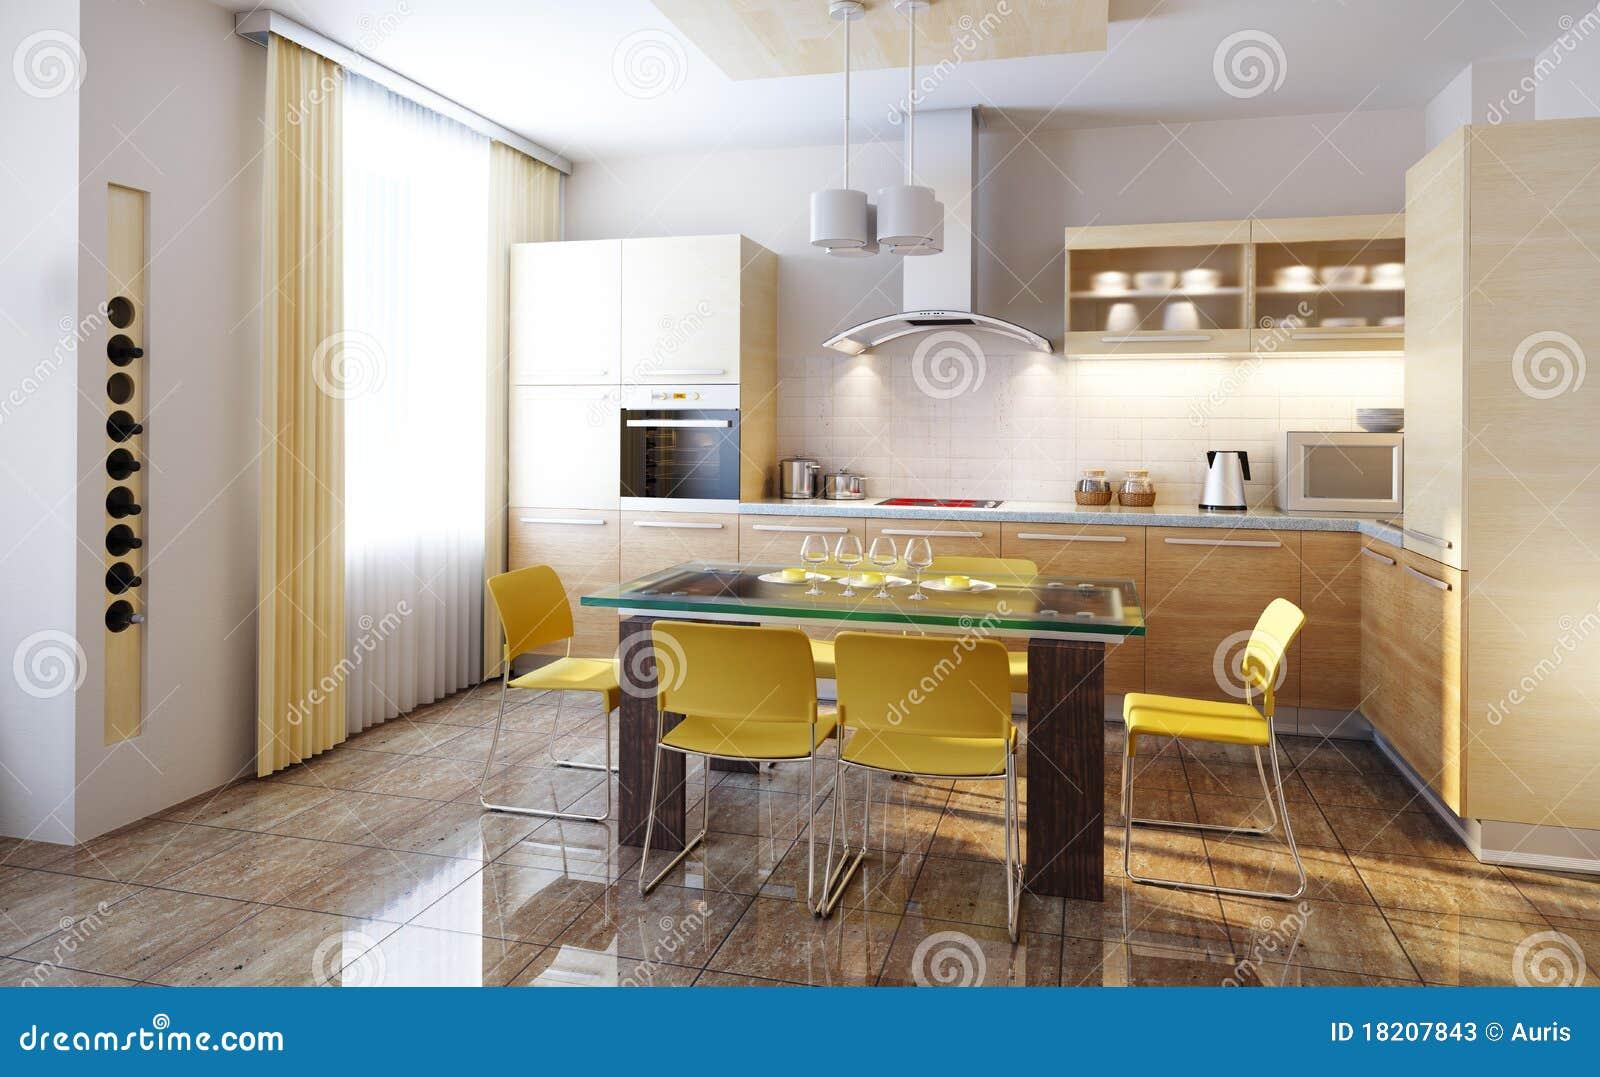 modern kitchen interior 3d render stock photos image